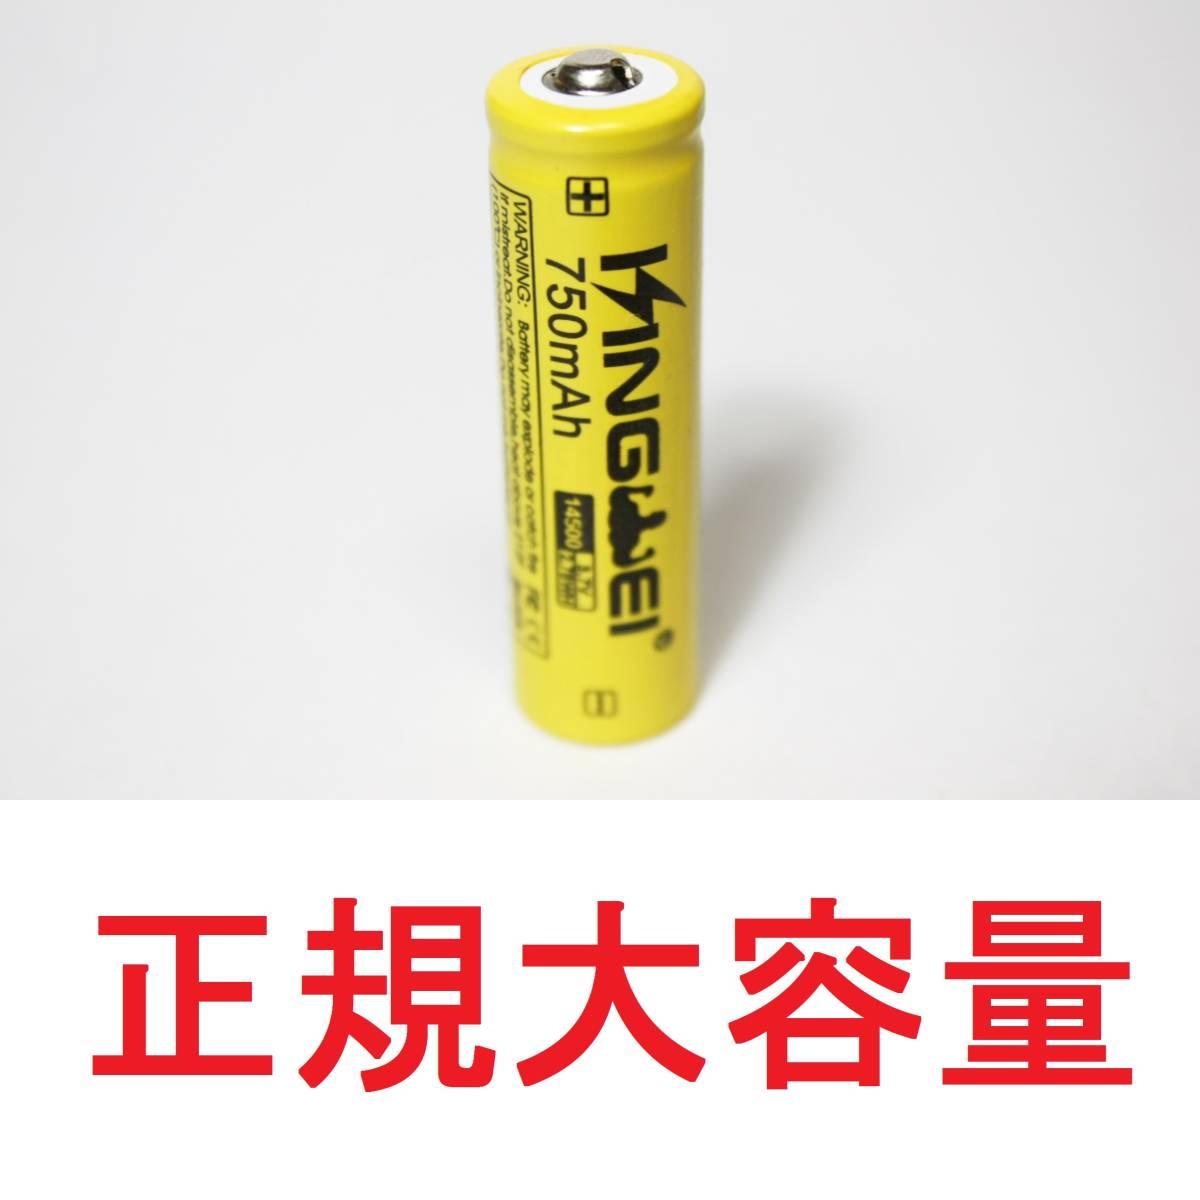 ★ 正規大容量 14500 リチウムイオン 充電池 バッテリー 懐中電灯 ハンディライト 02_画像1